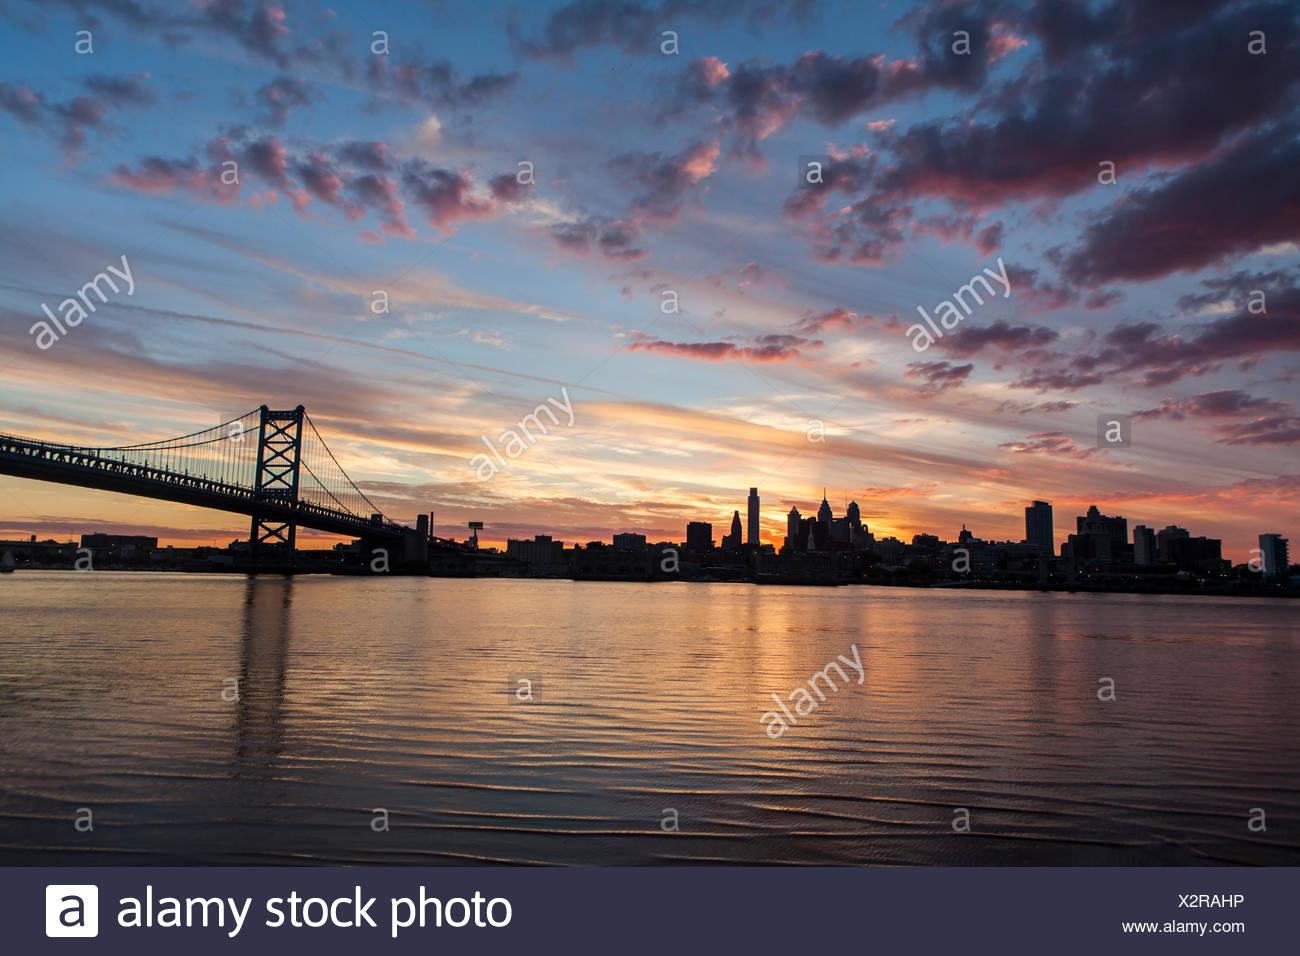 Philadelphia's Benjamin Franklin Bridge spanning the Delaware River. - Stock Image